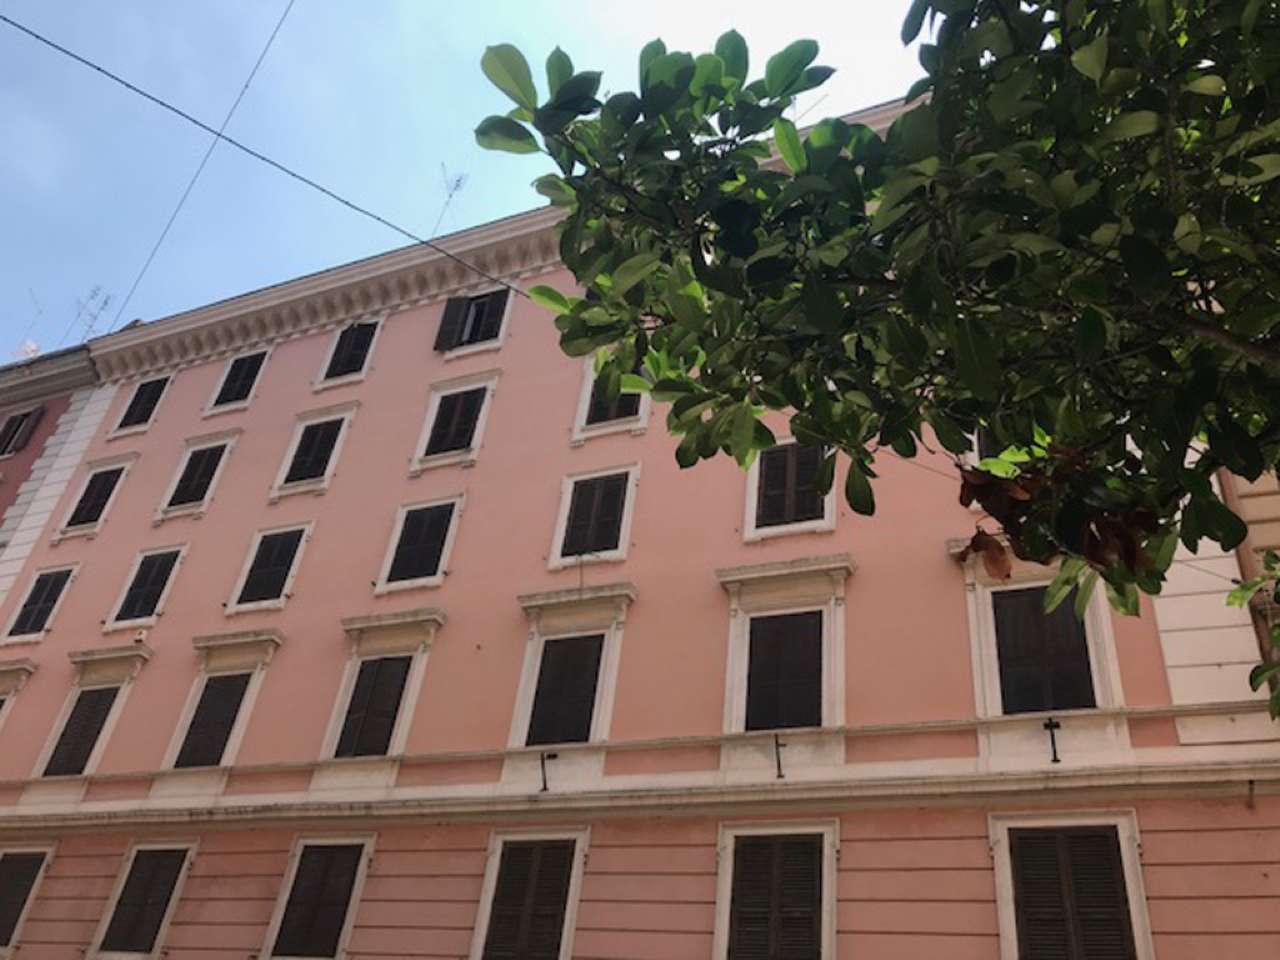 Appartamento in vendita a Roma, 3 locali, zona Zona: 3 . Trieste - Somalia - Salario, prezzo € 359.000 | CambioCasa.it